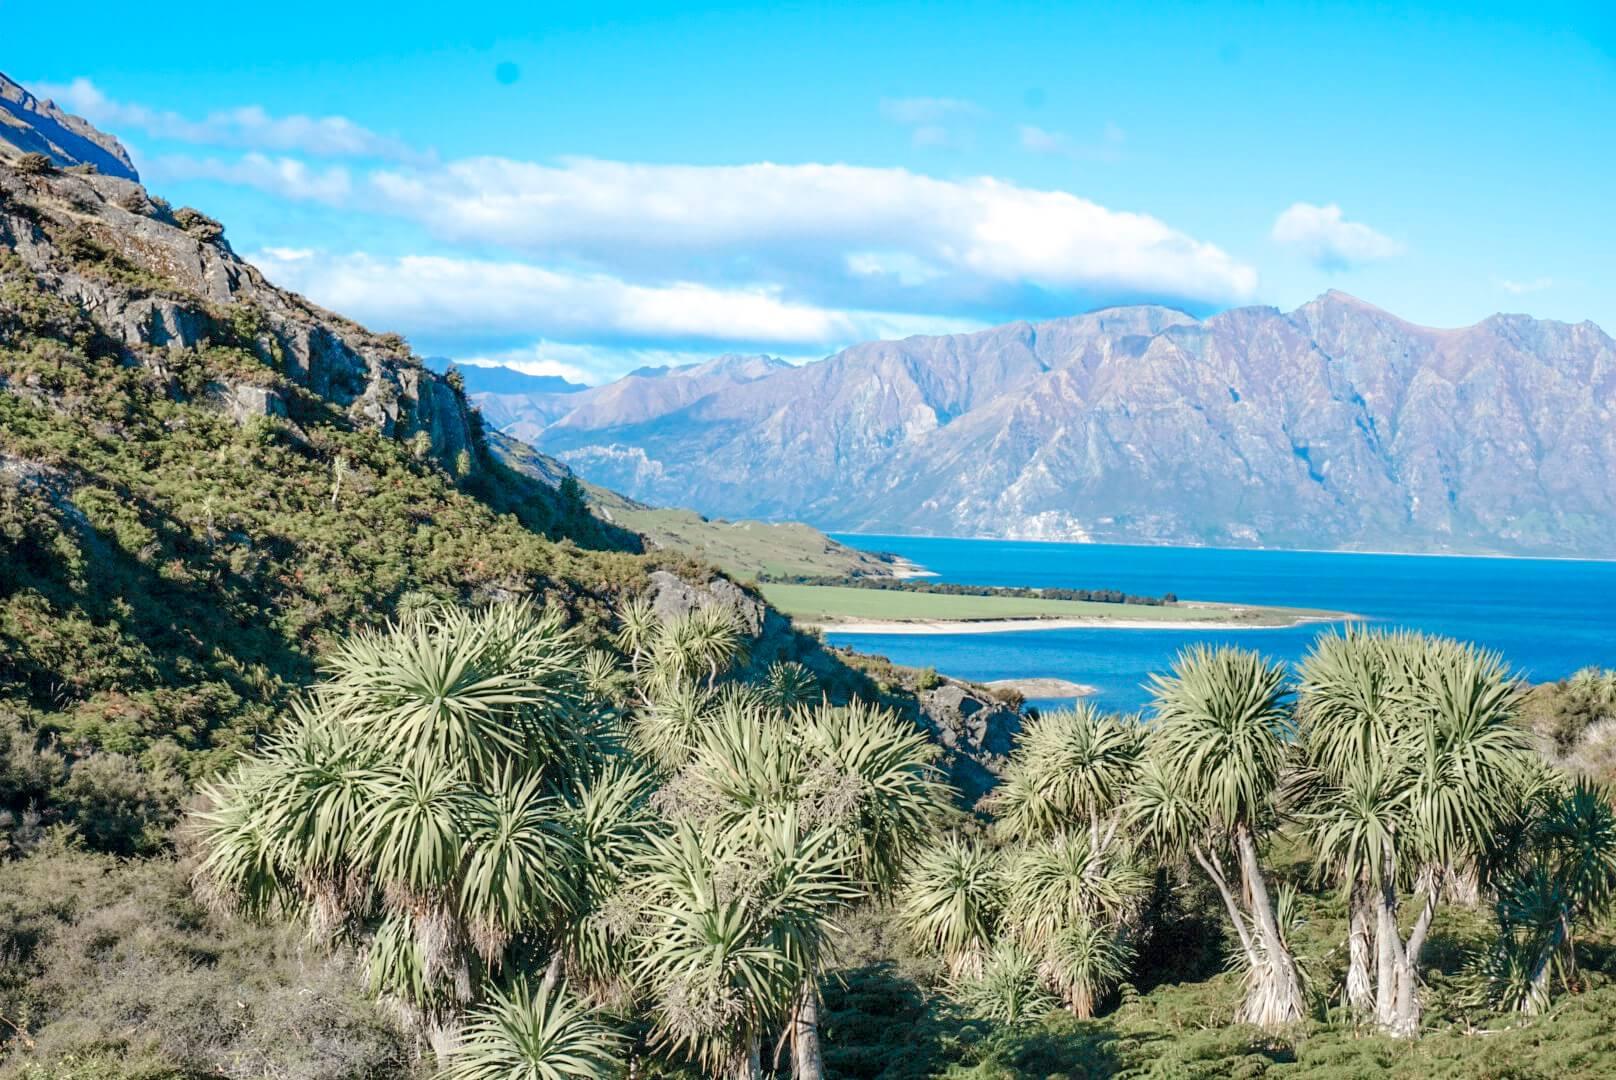 montagne et lac wanaka plus beau paysage nouvelle zelande